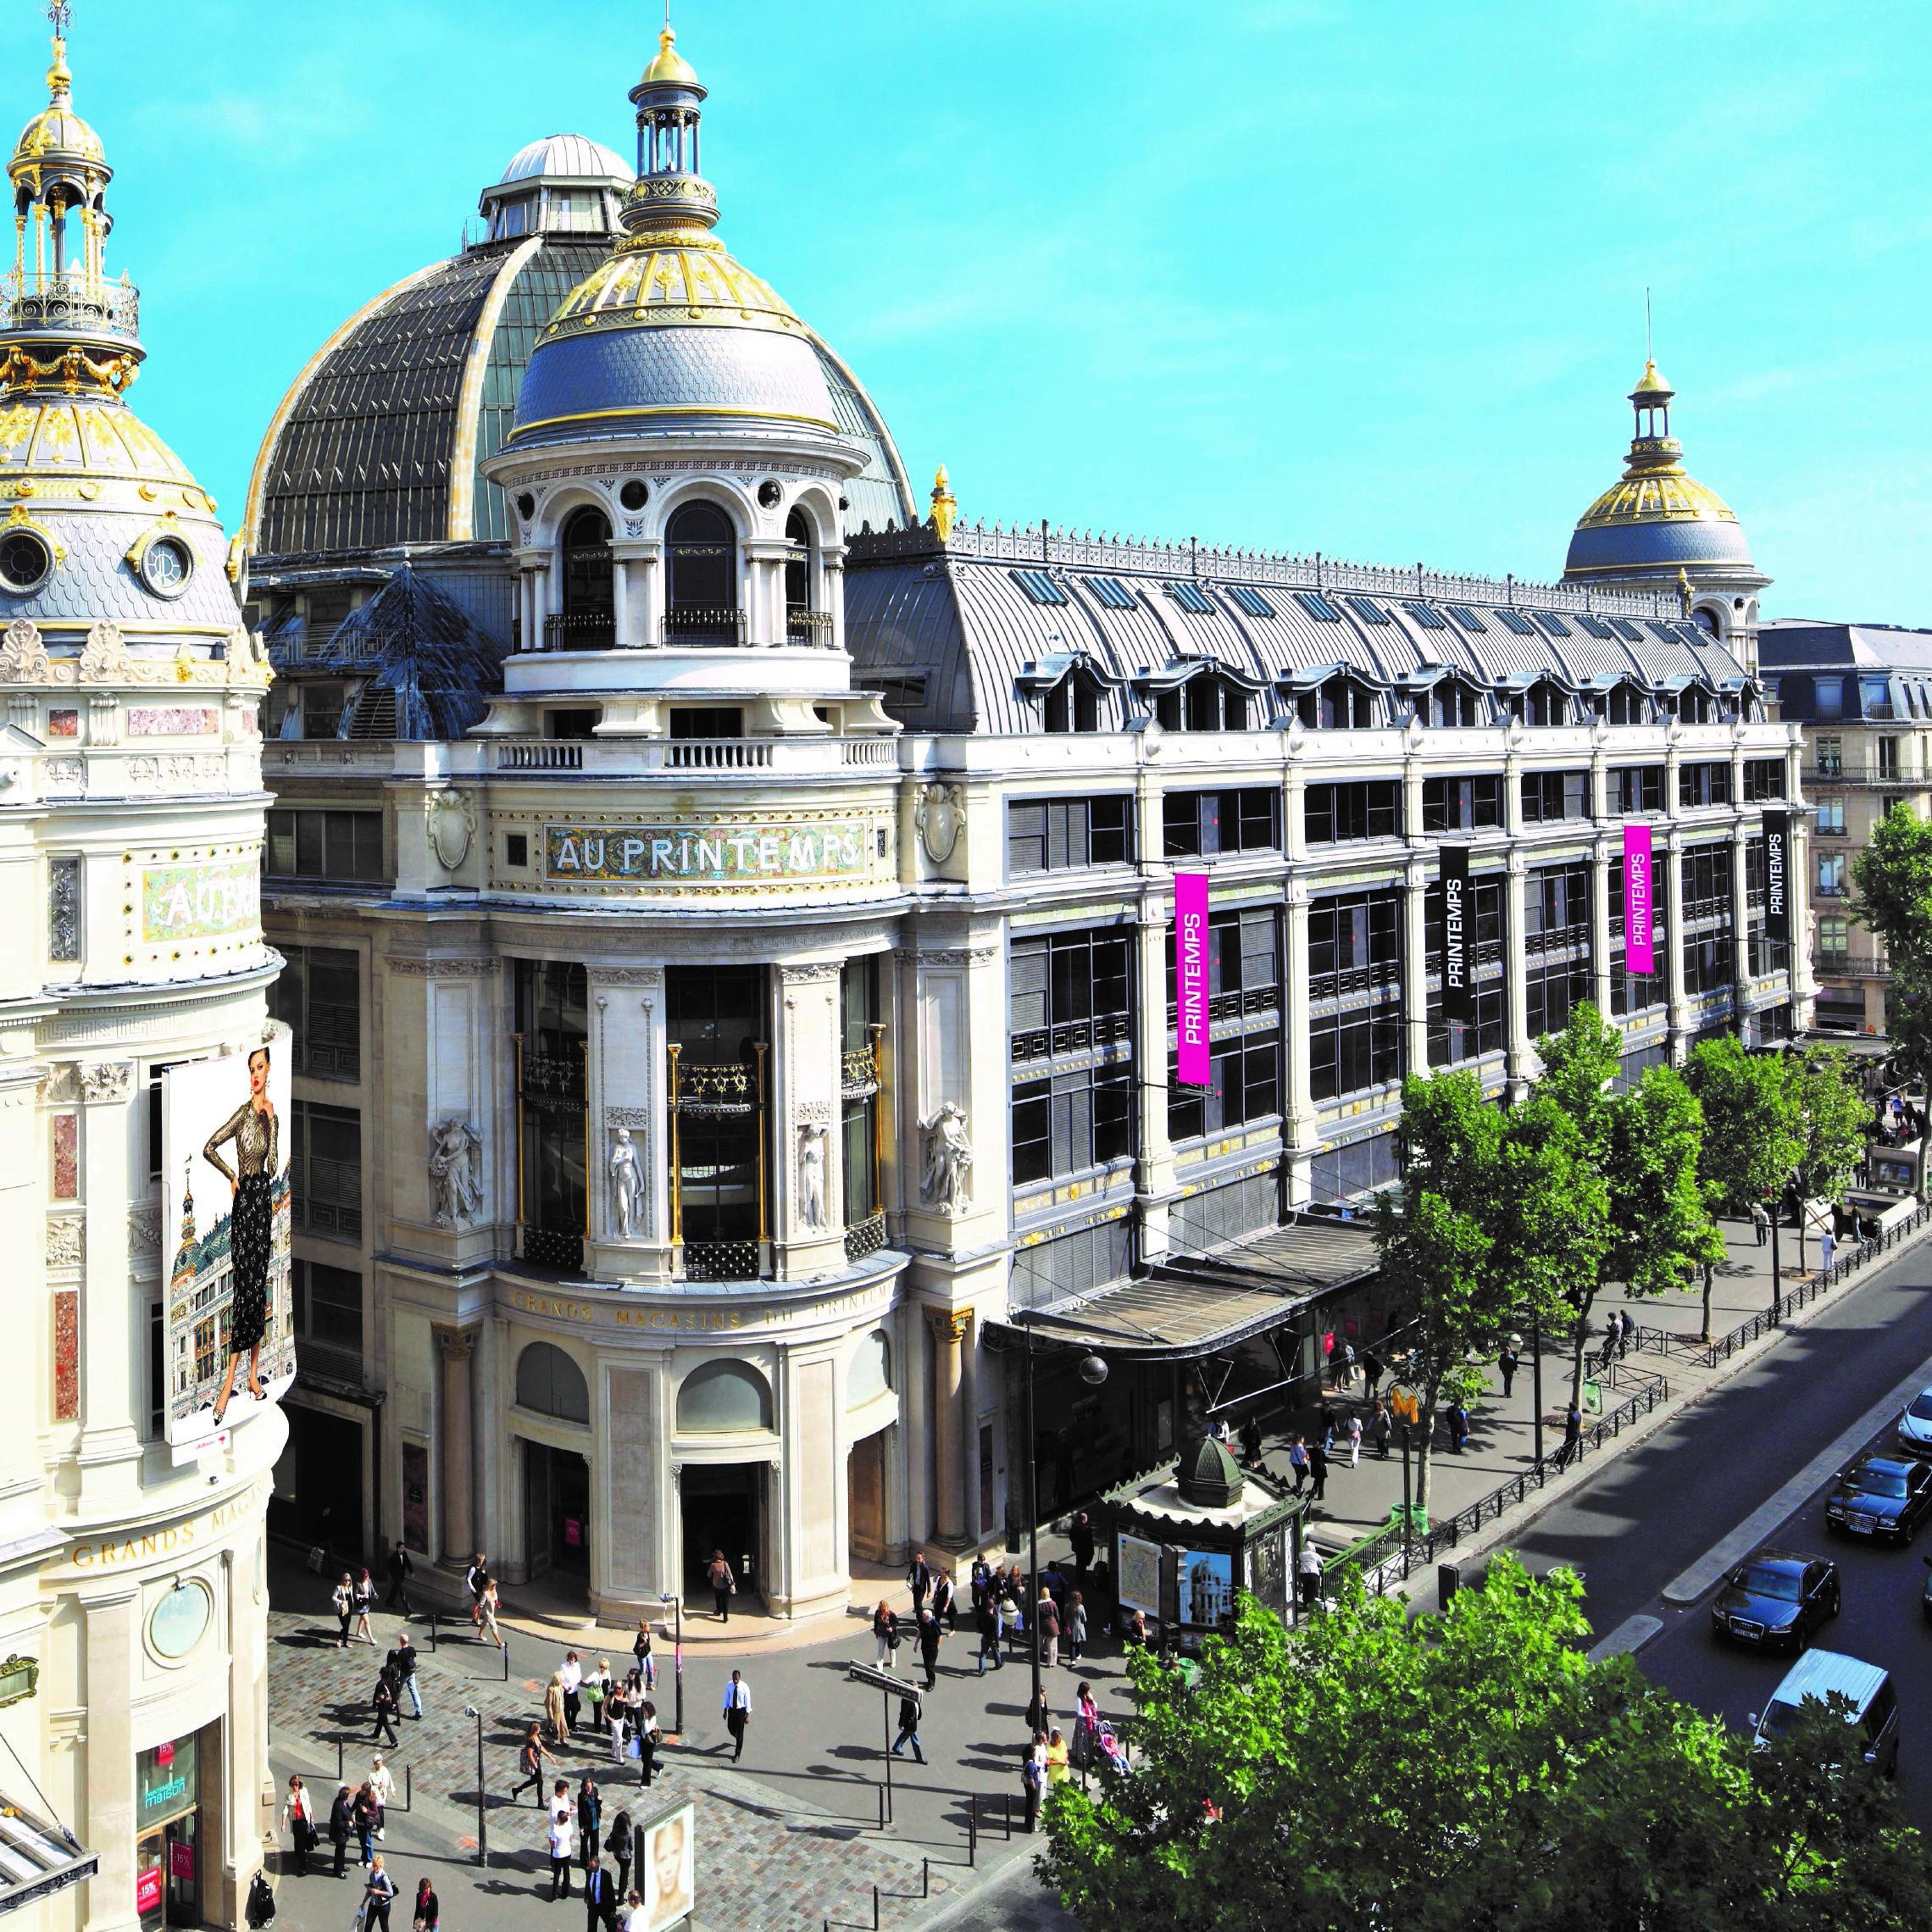 Le Printemps Haussmann%252C façade%252C Paris. Le Printemps Haussmann 2017